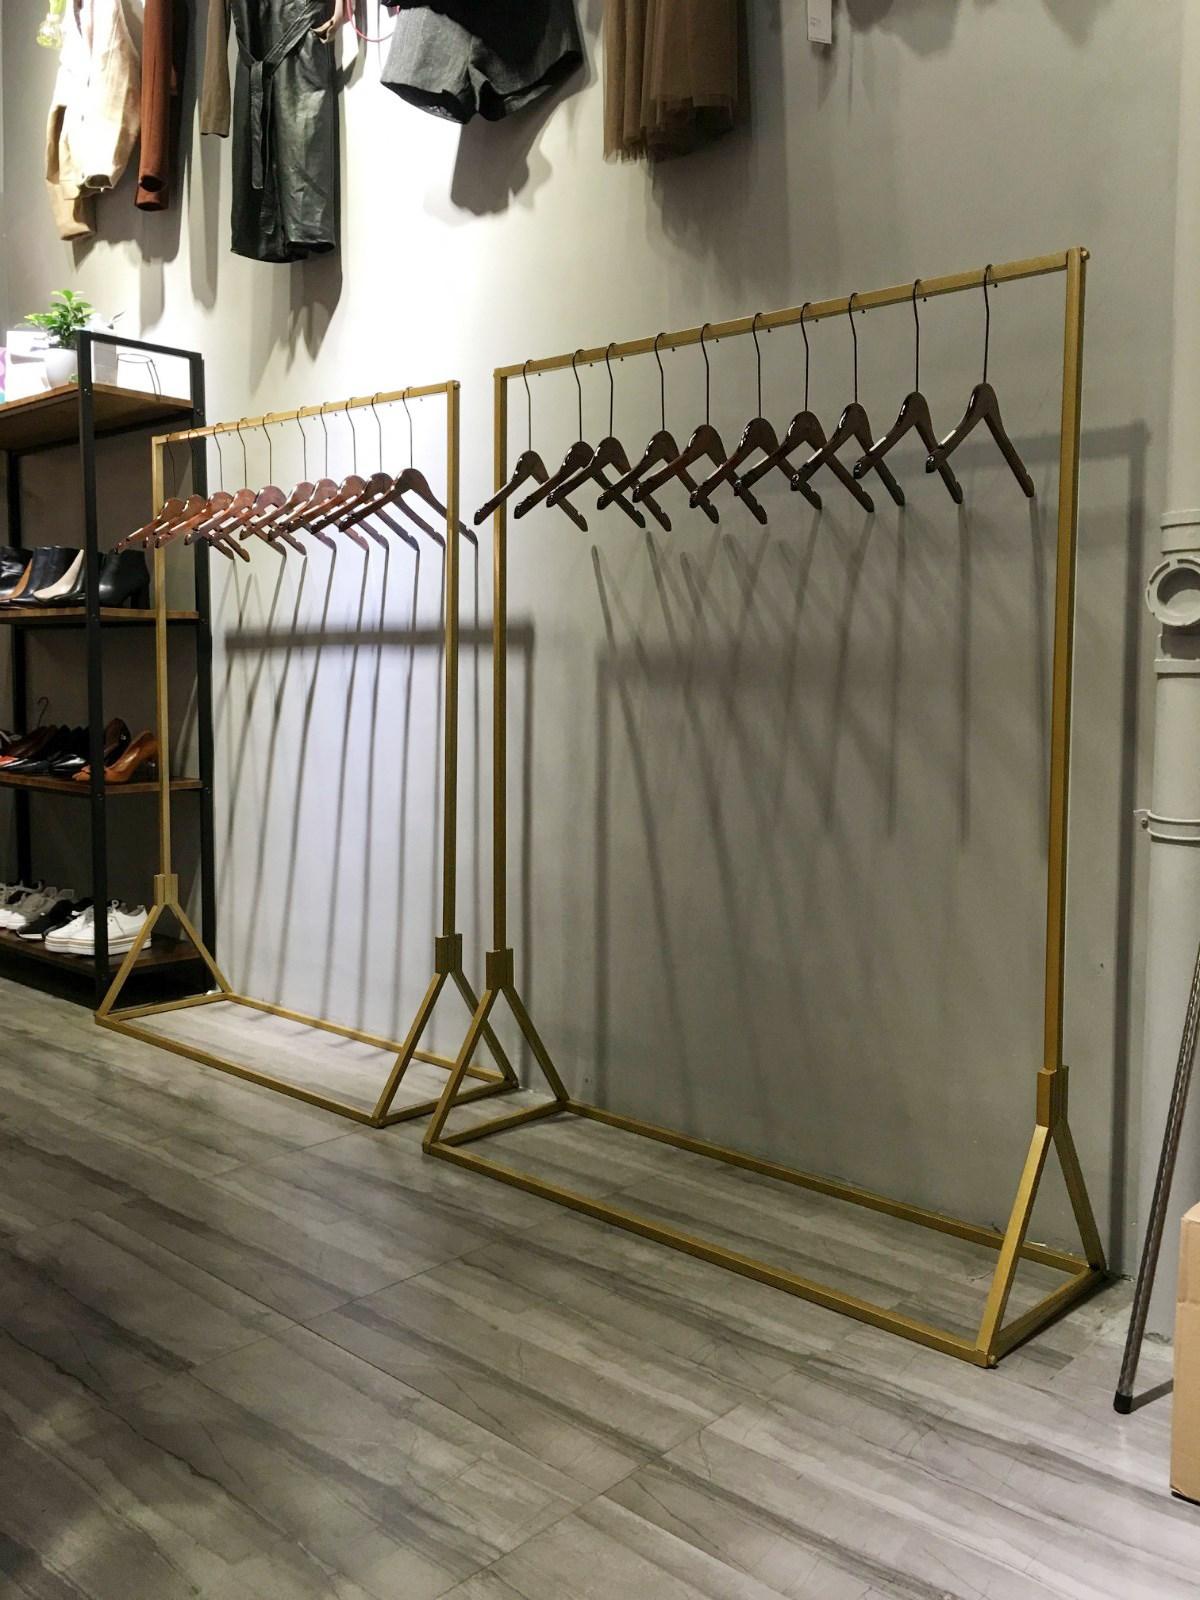 高档金色服装店展示架婚纱架女装店衣架货架落地式童装架侧挂架